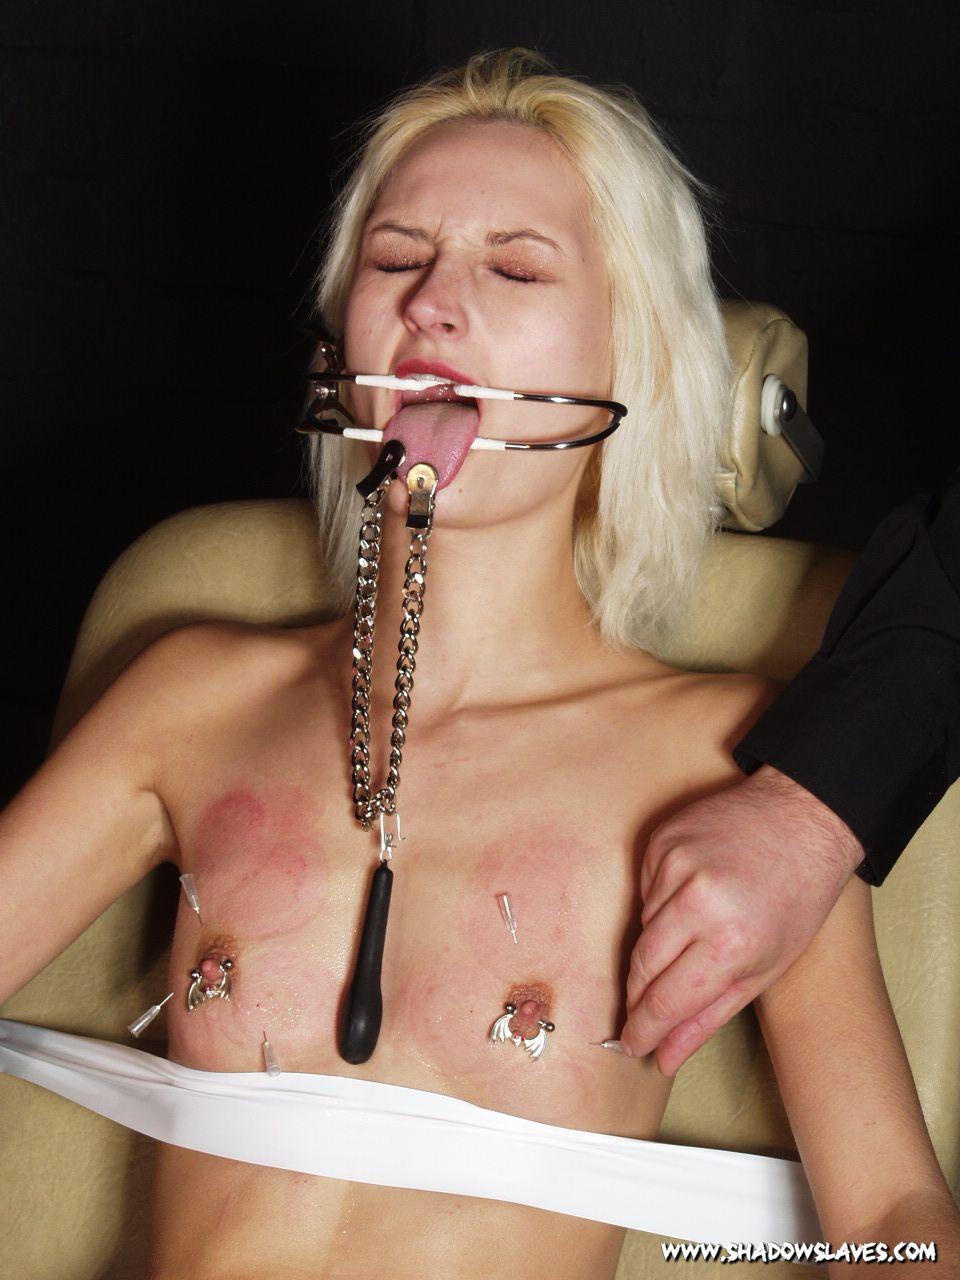 Needles porn pics